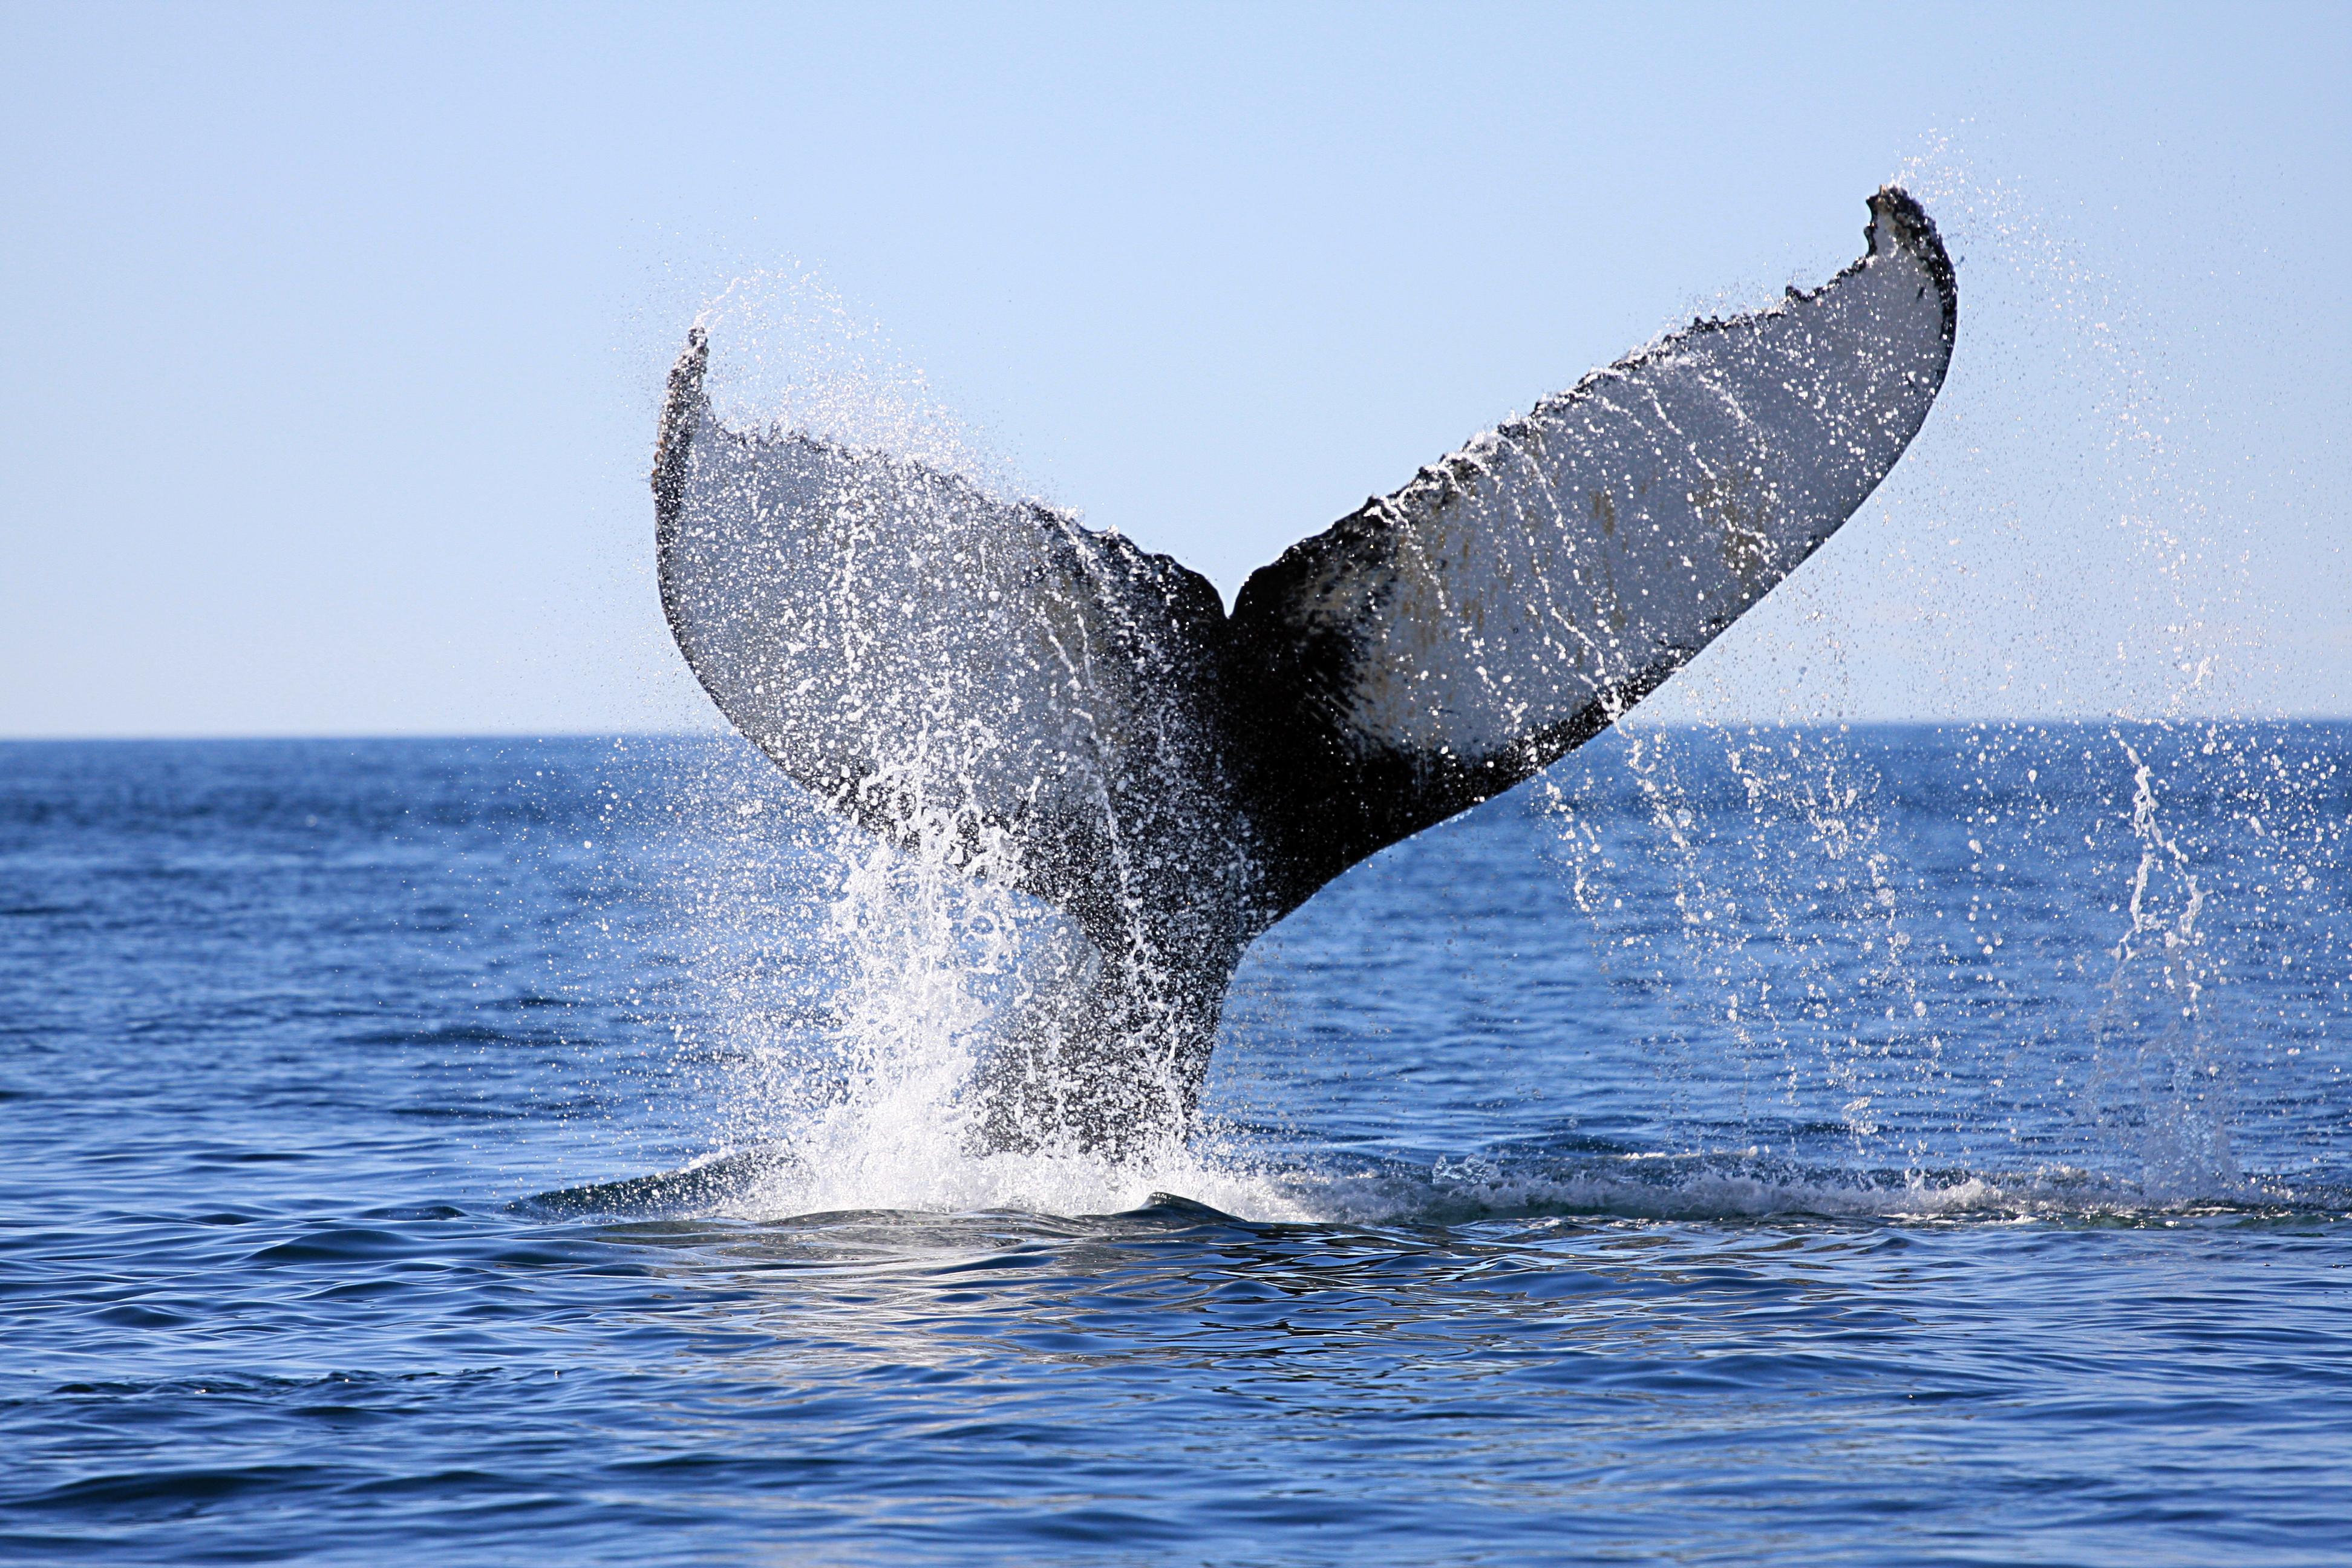 whales, breathing underwater